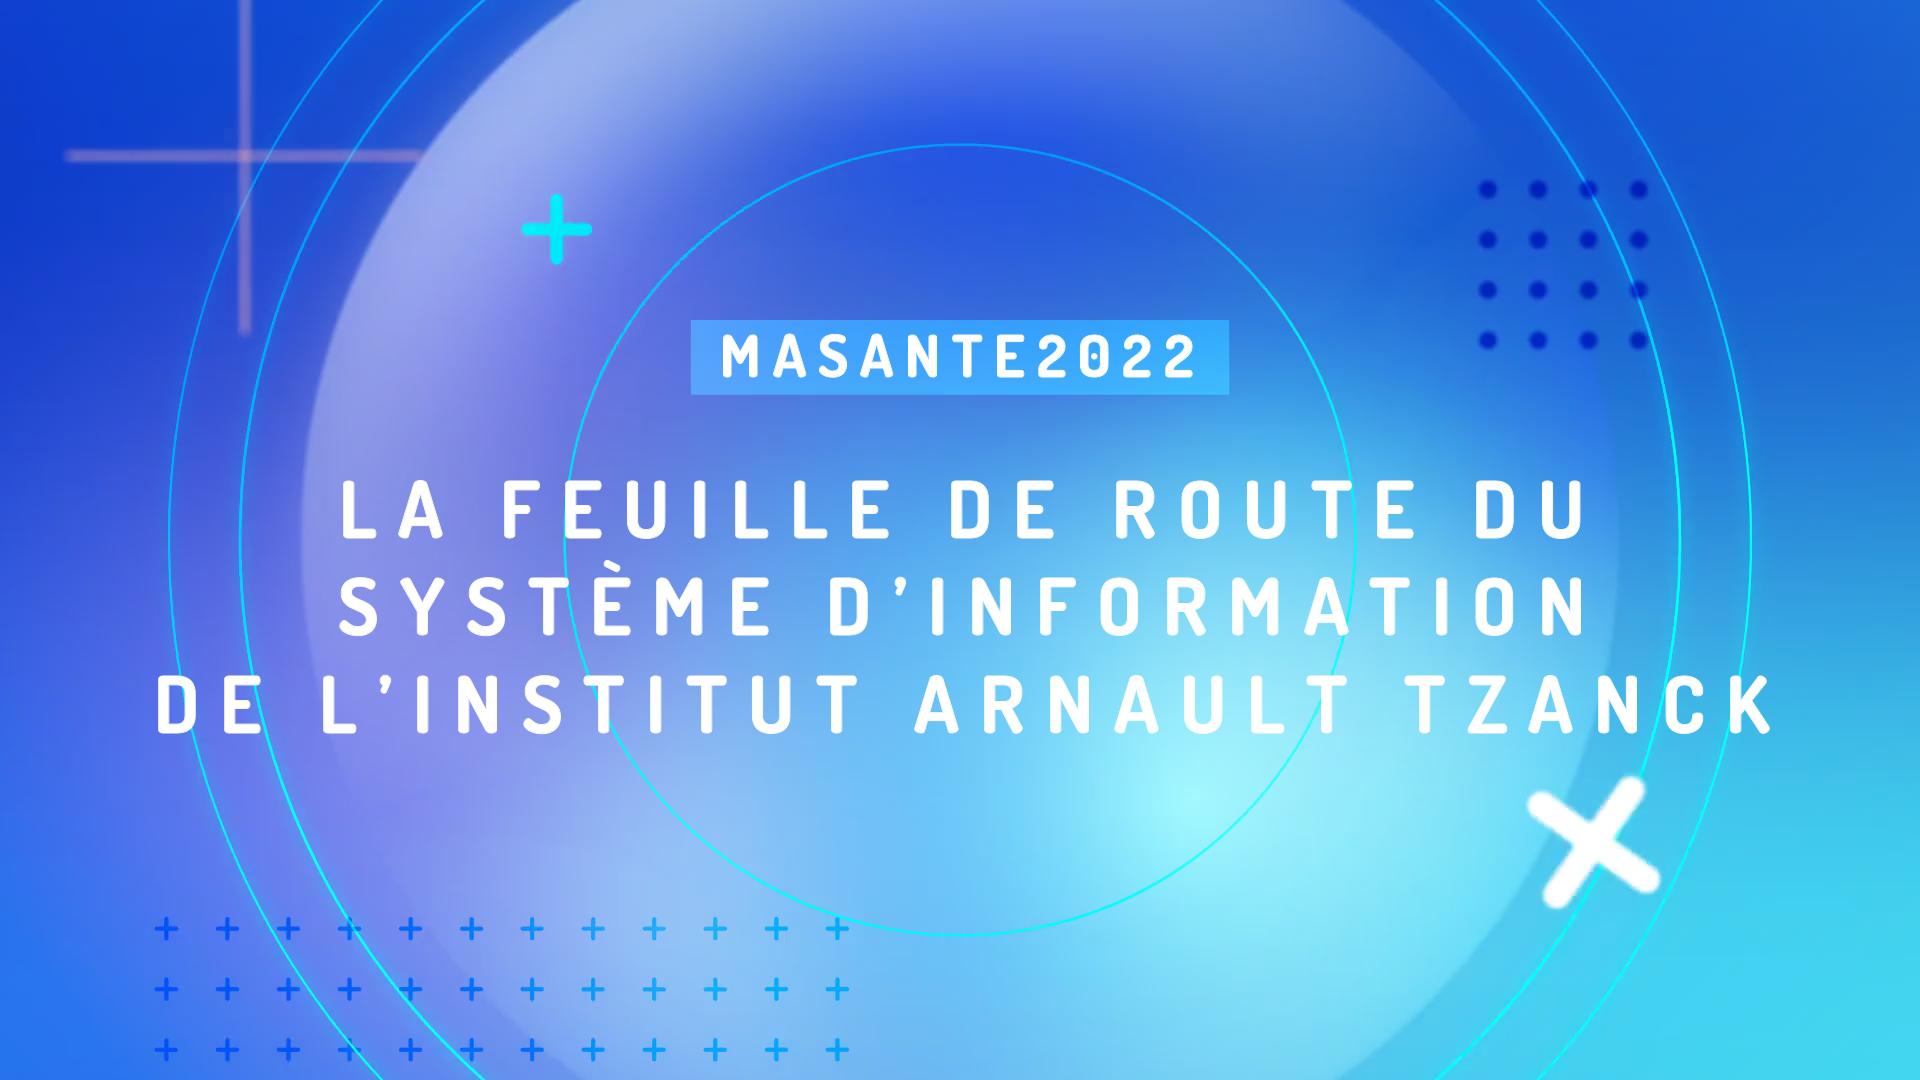 «MaSanté2022» : la feuille de route du système d'information de l'institut Arnault Tzanck (IAT)